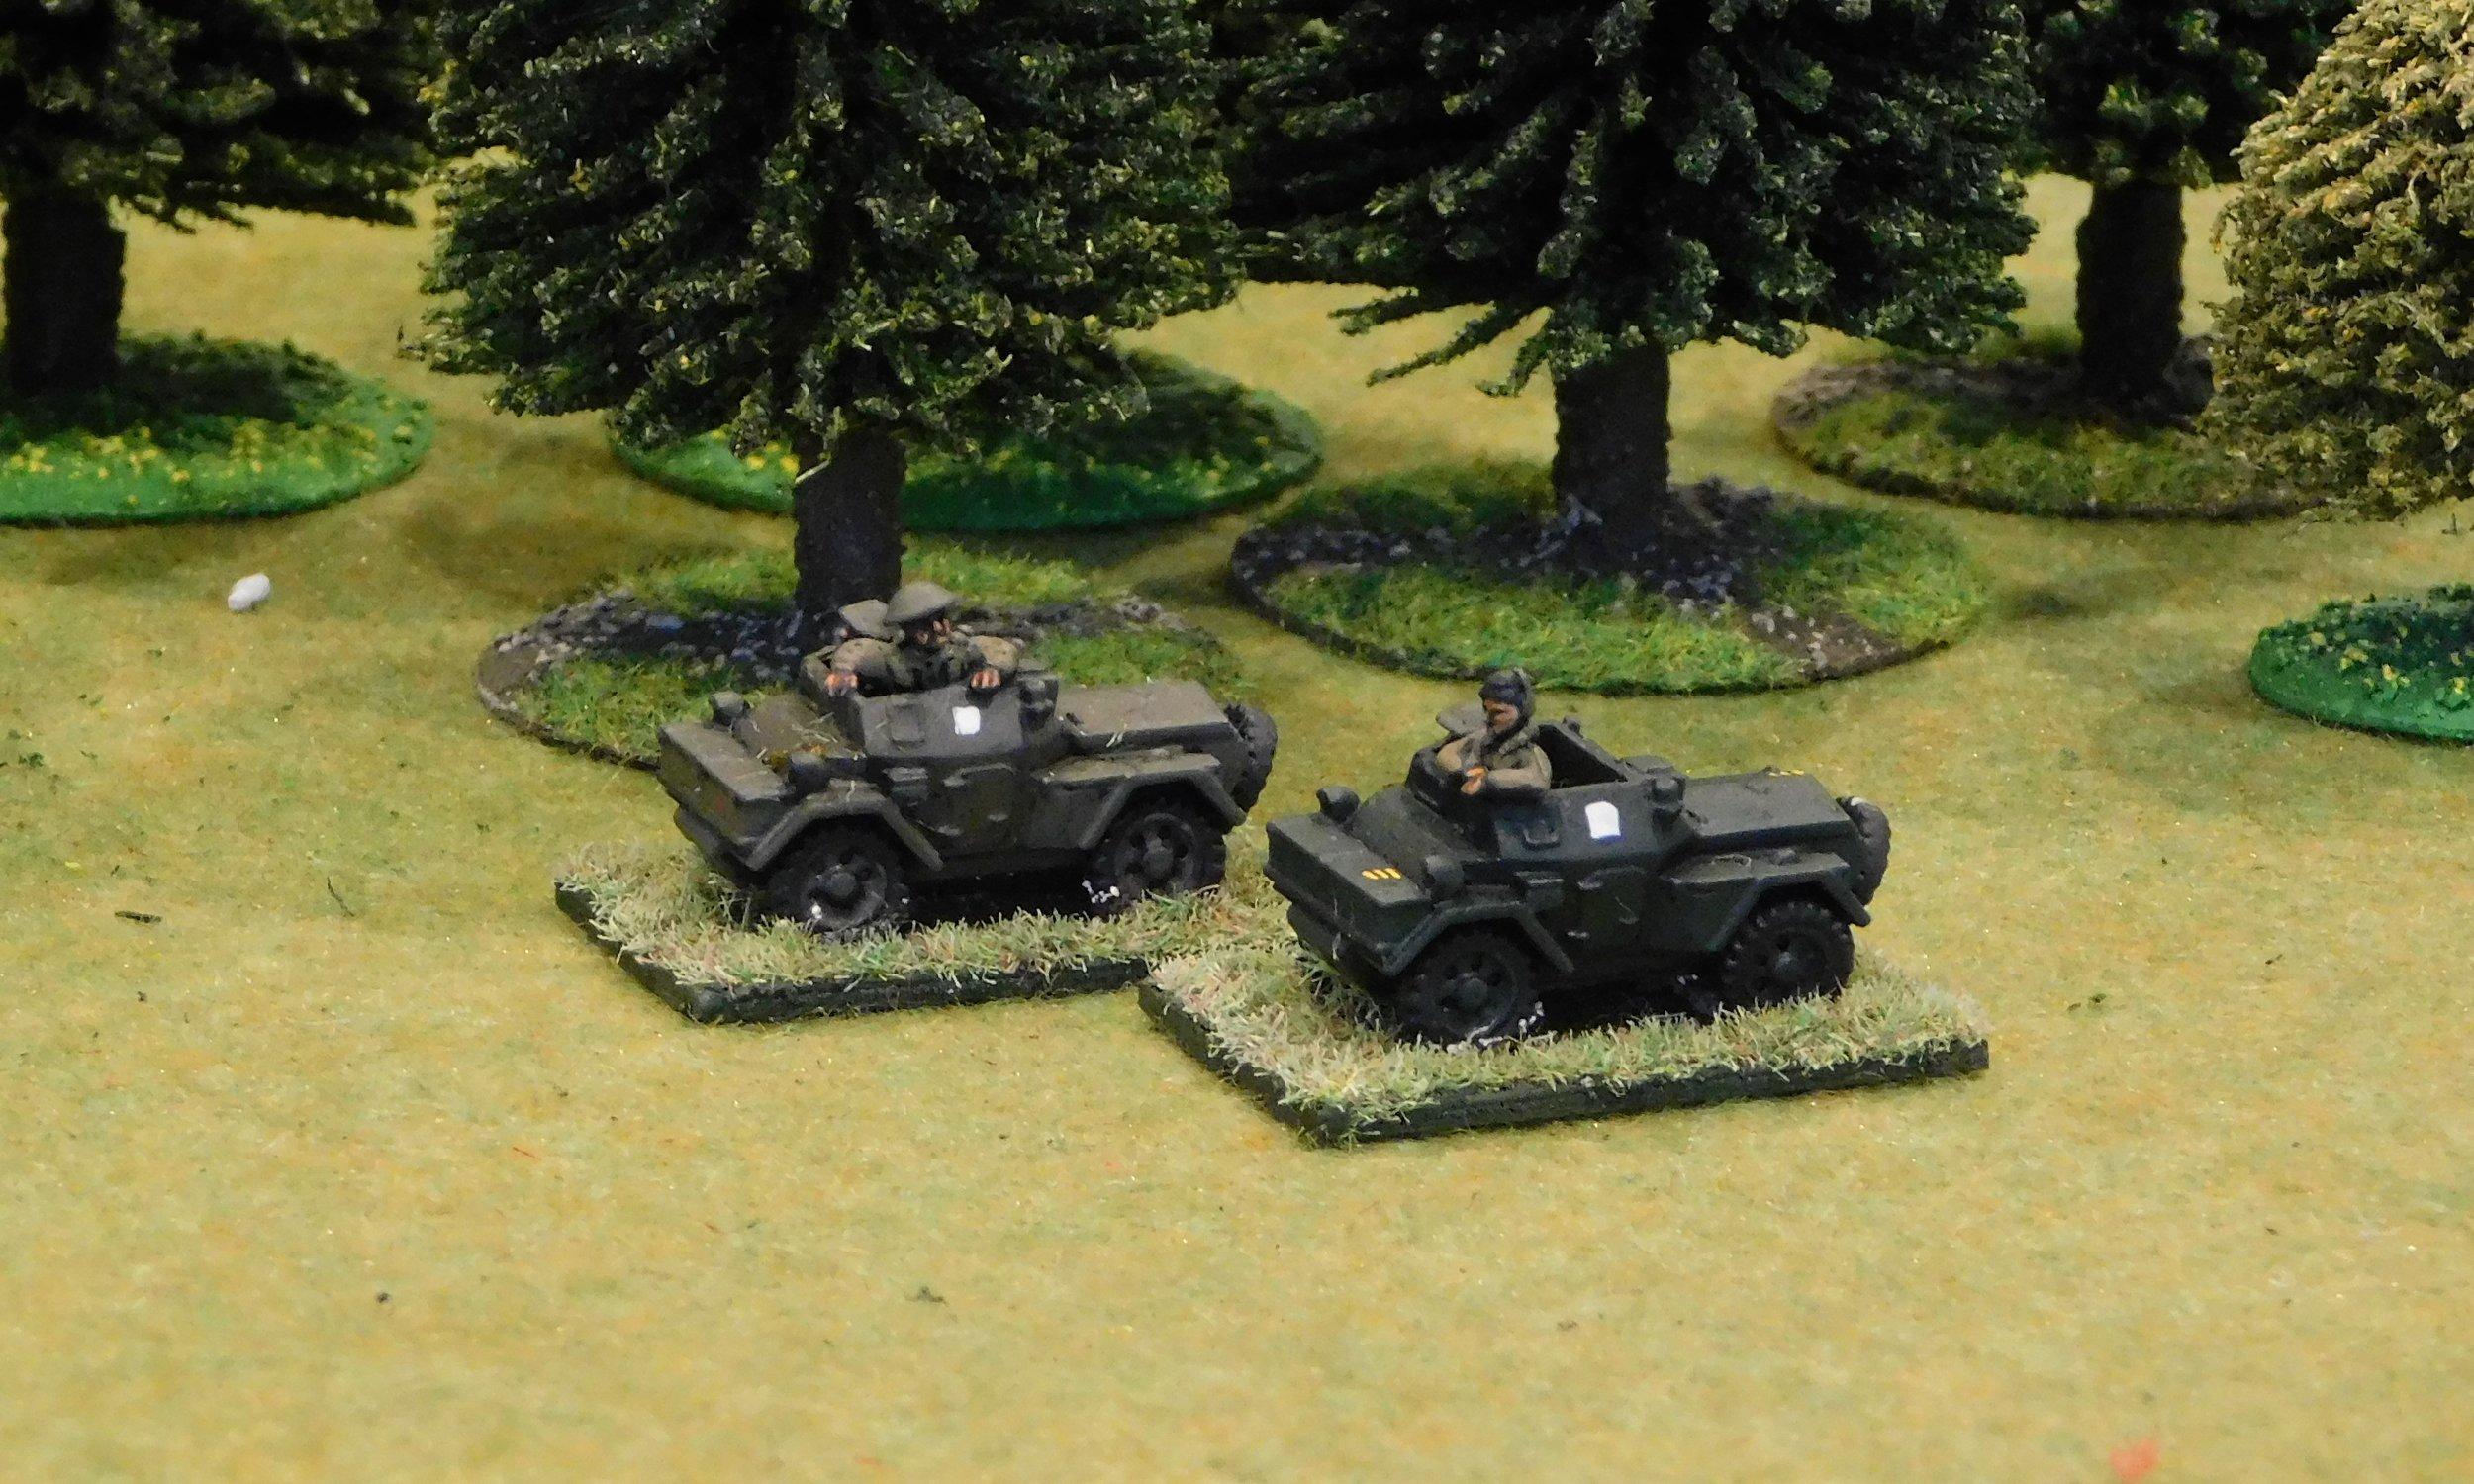 Scout Troop (Dingo Scout Car)(remnants)